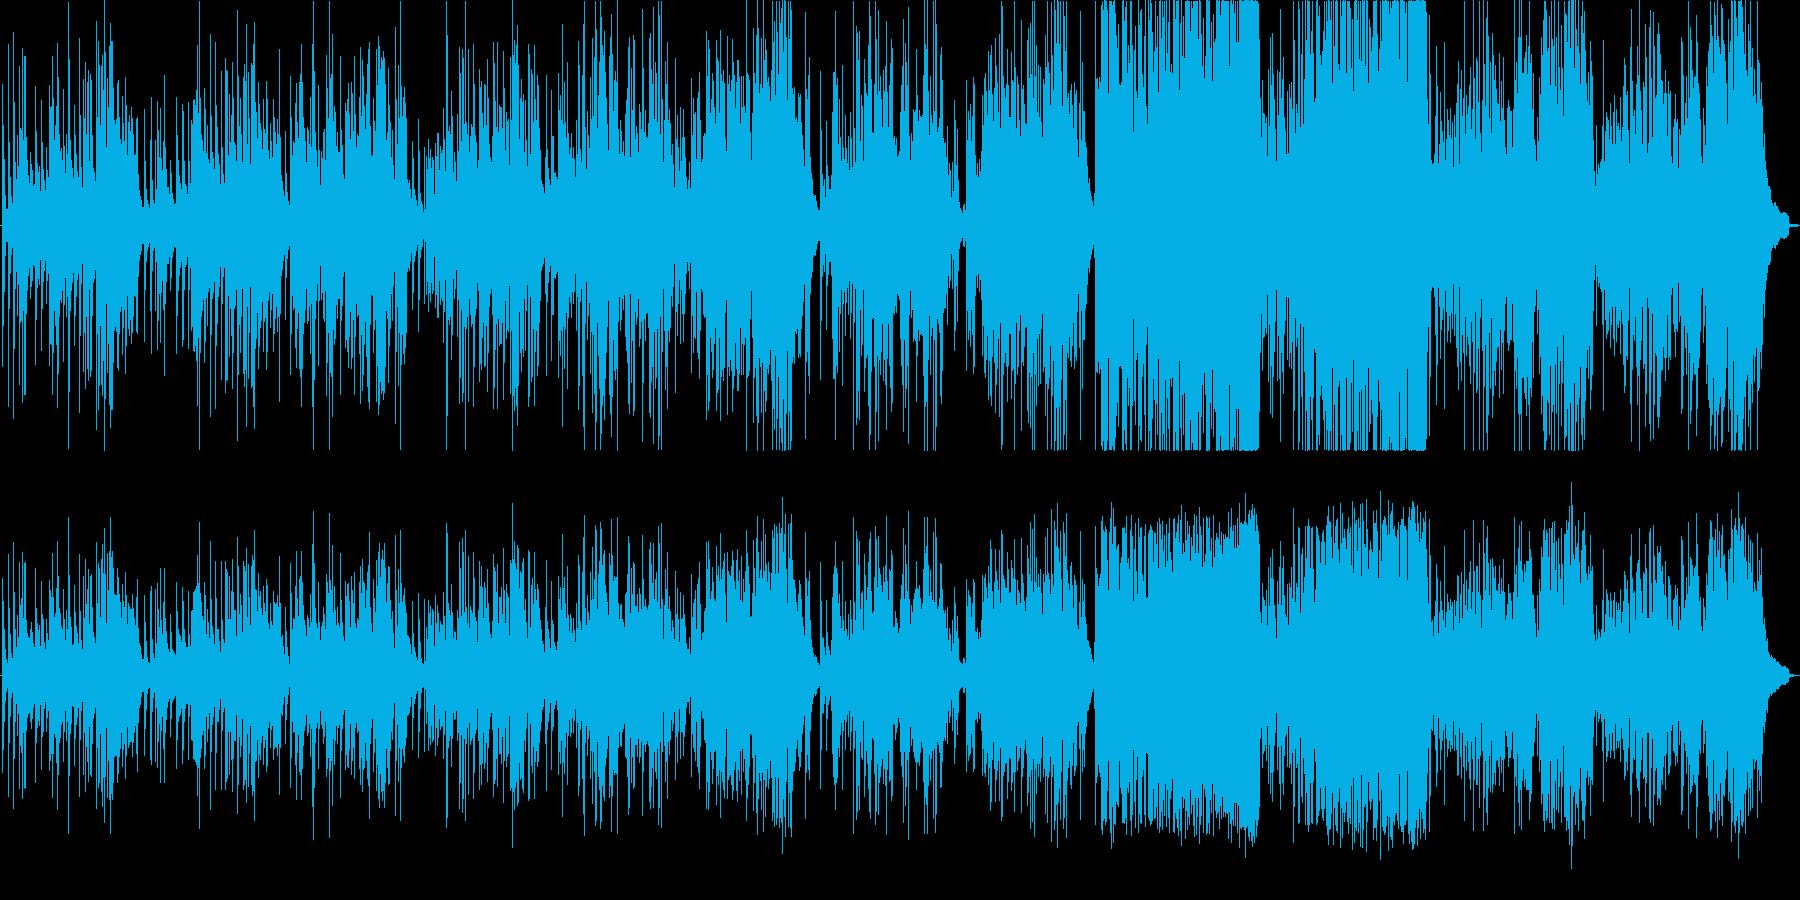 バッハのアレアをクラシックギターアレンジの再生済みの波形